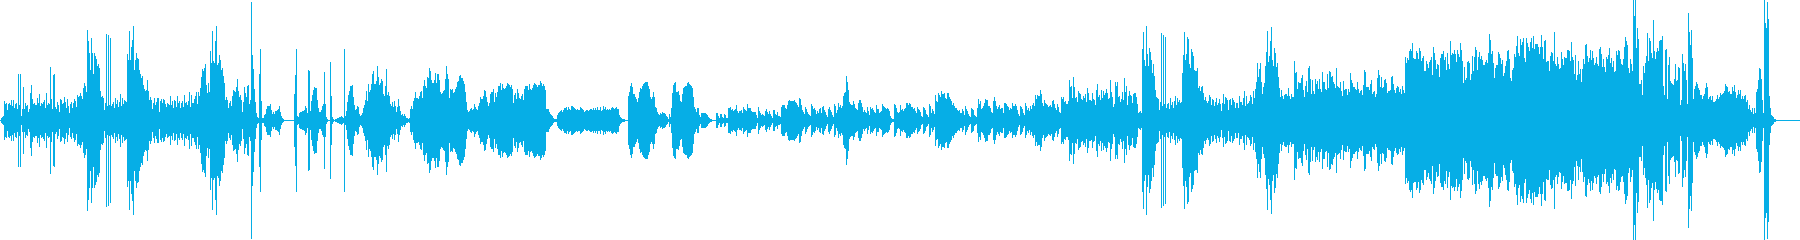 変化の激しい10パート編成のアンサンブルの再生済みの波形